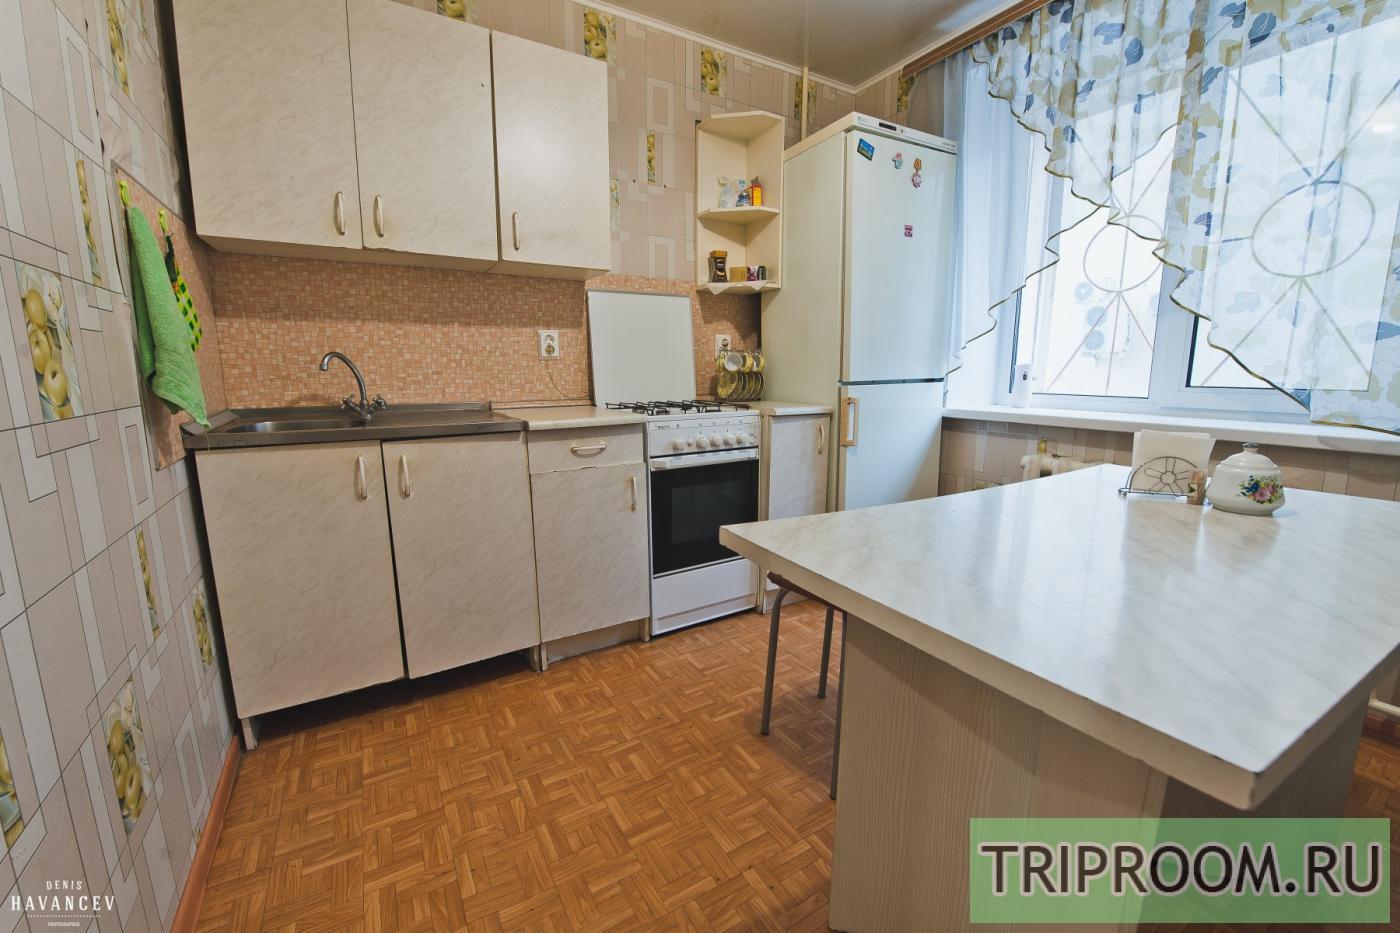 1-комнатная квартира посуточно (вариант № 14826), ул. Радищева улица, фото № 5